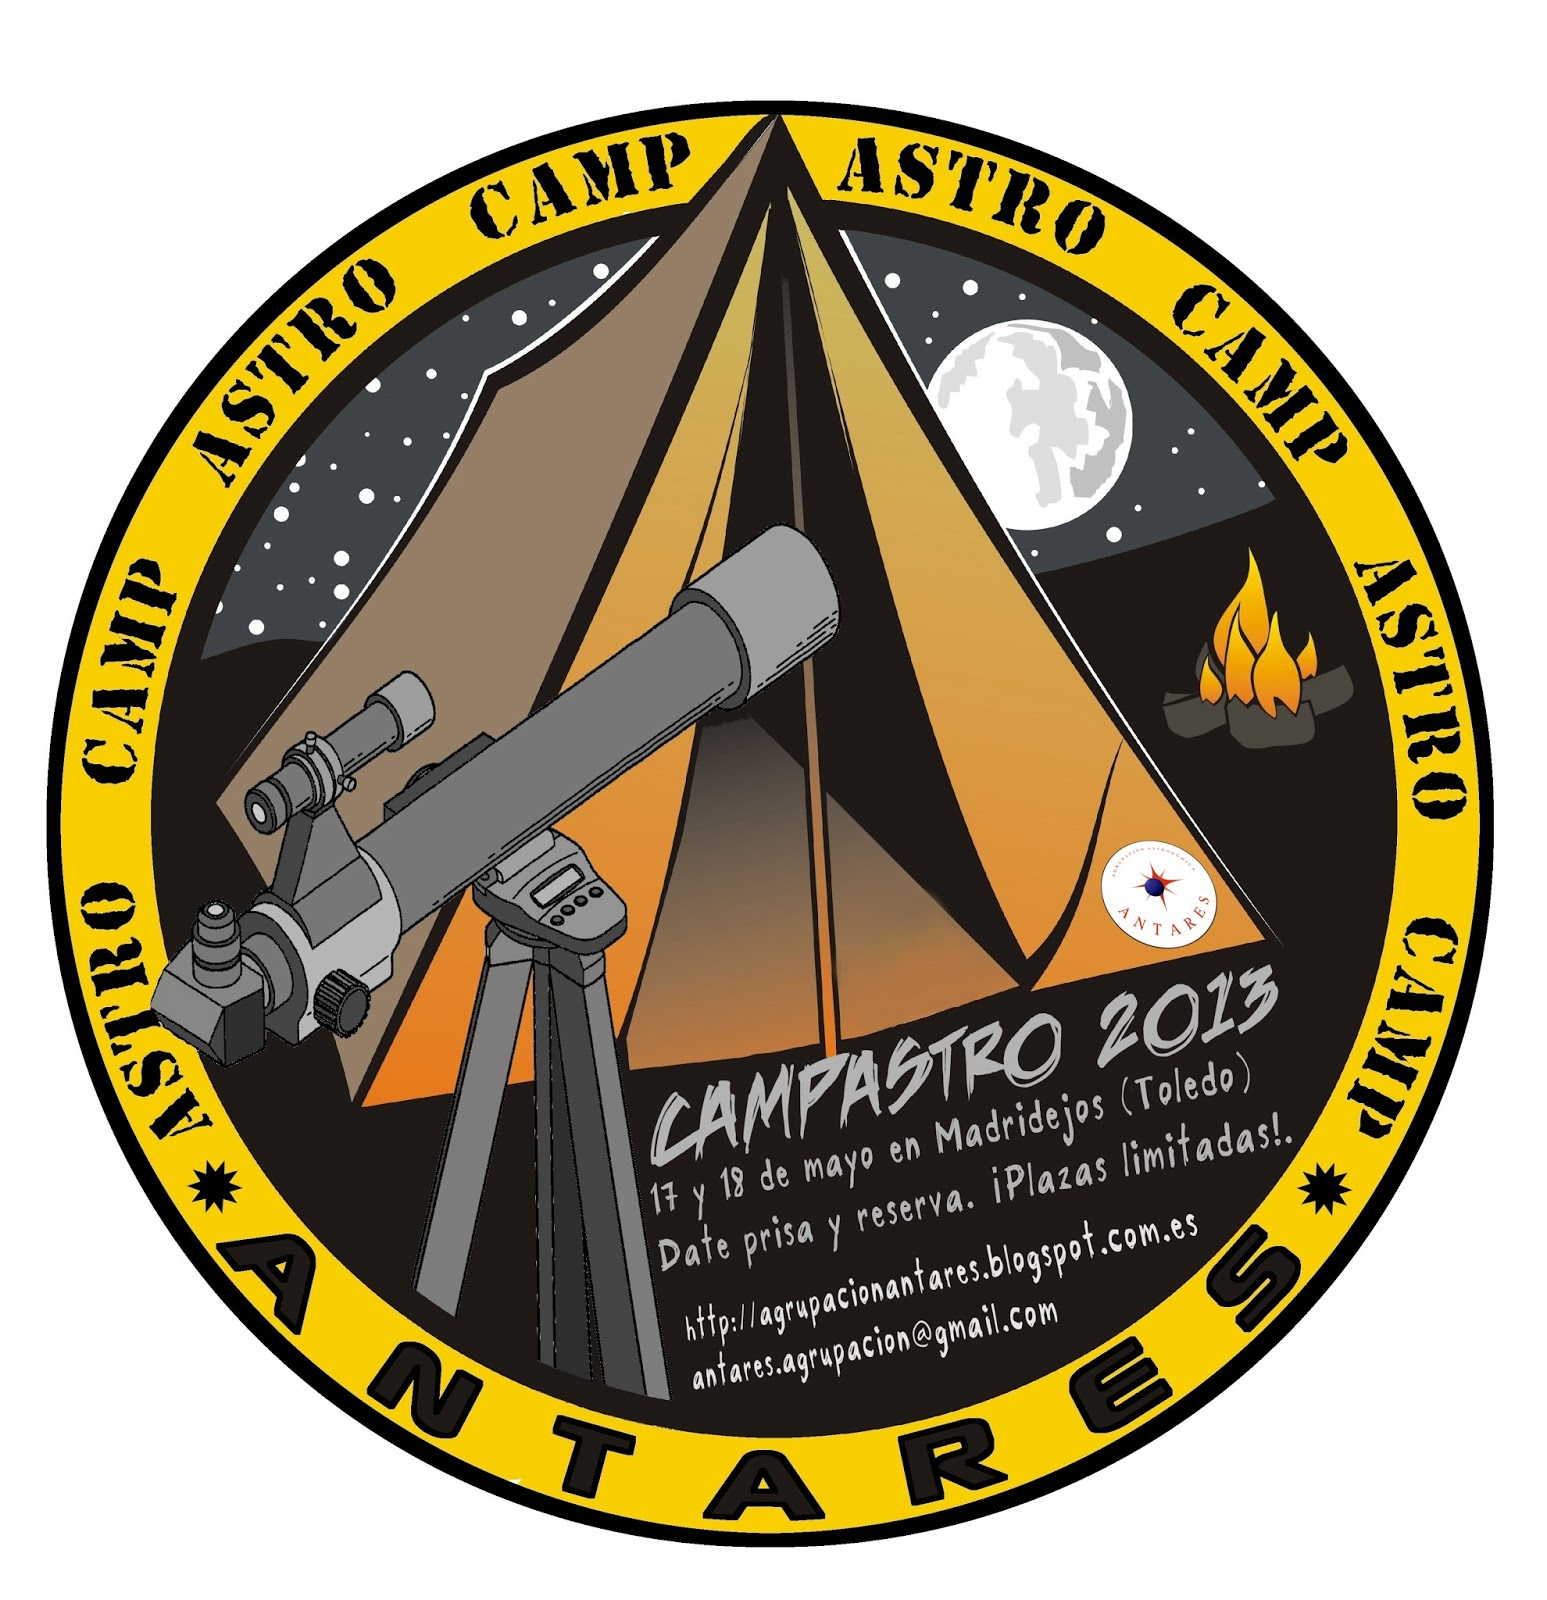 Astrocampastro 2013